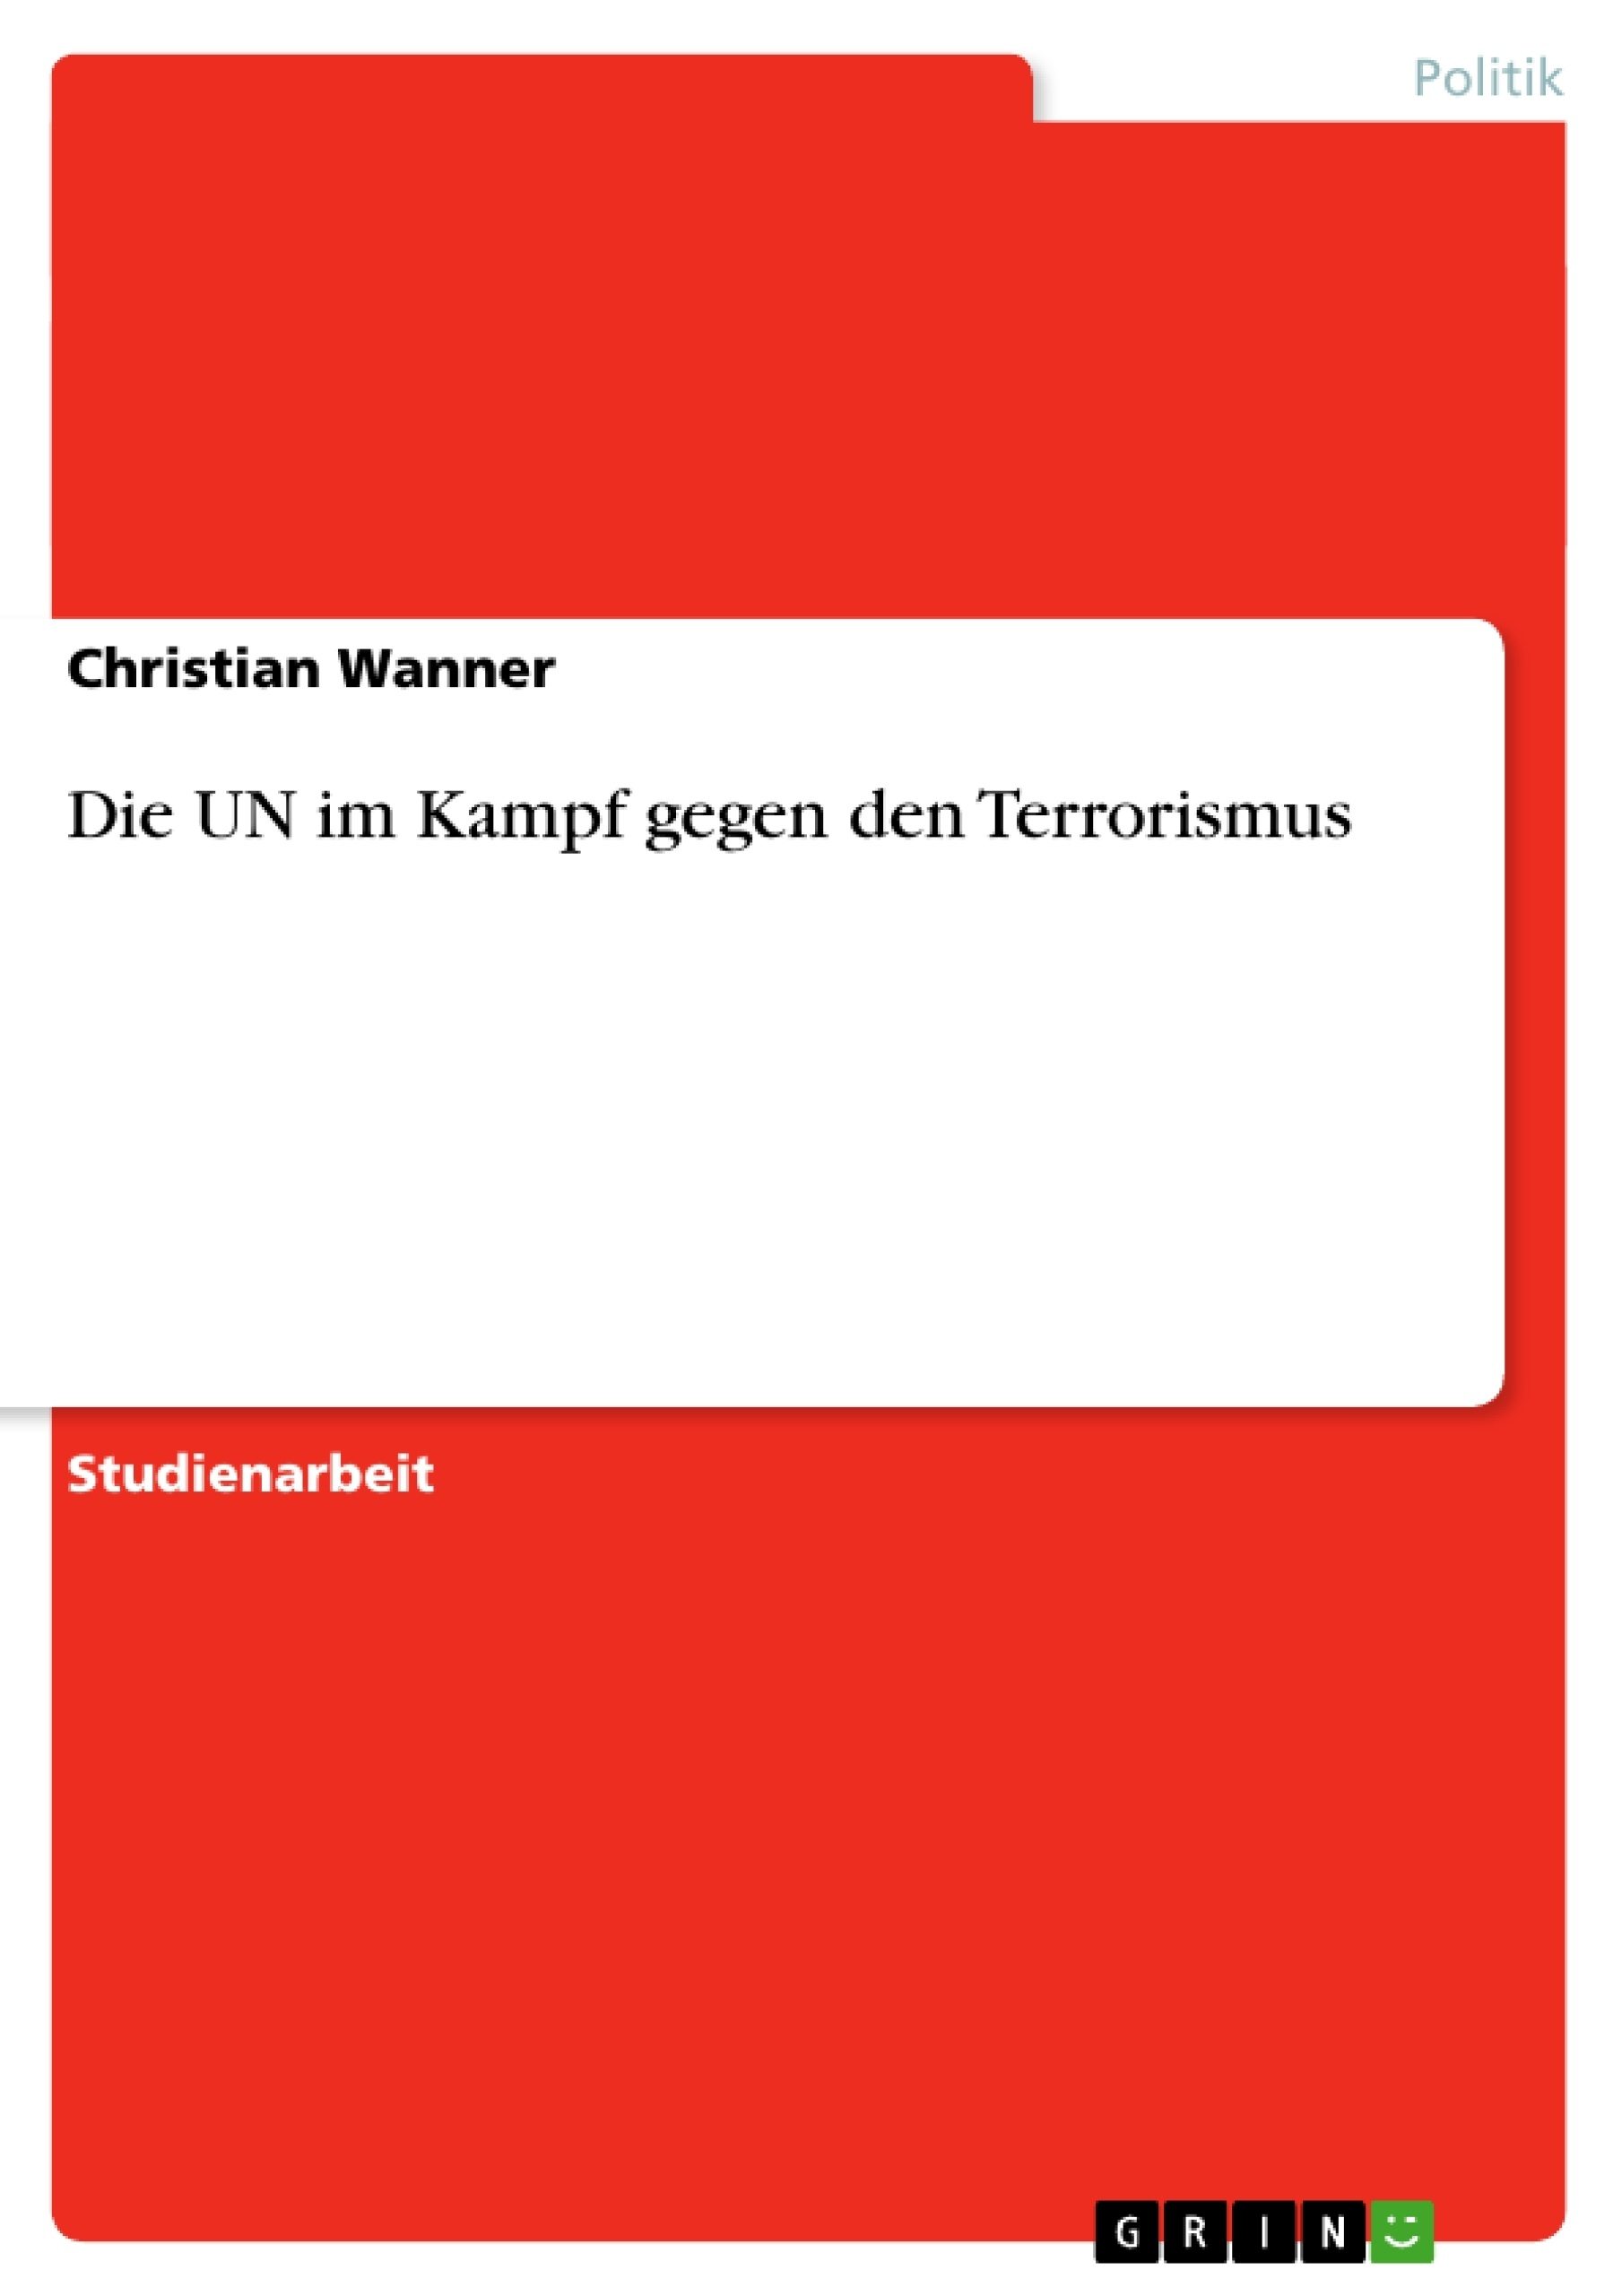 Titel: Die UN im Kampf gegen den Terrorismus